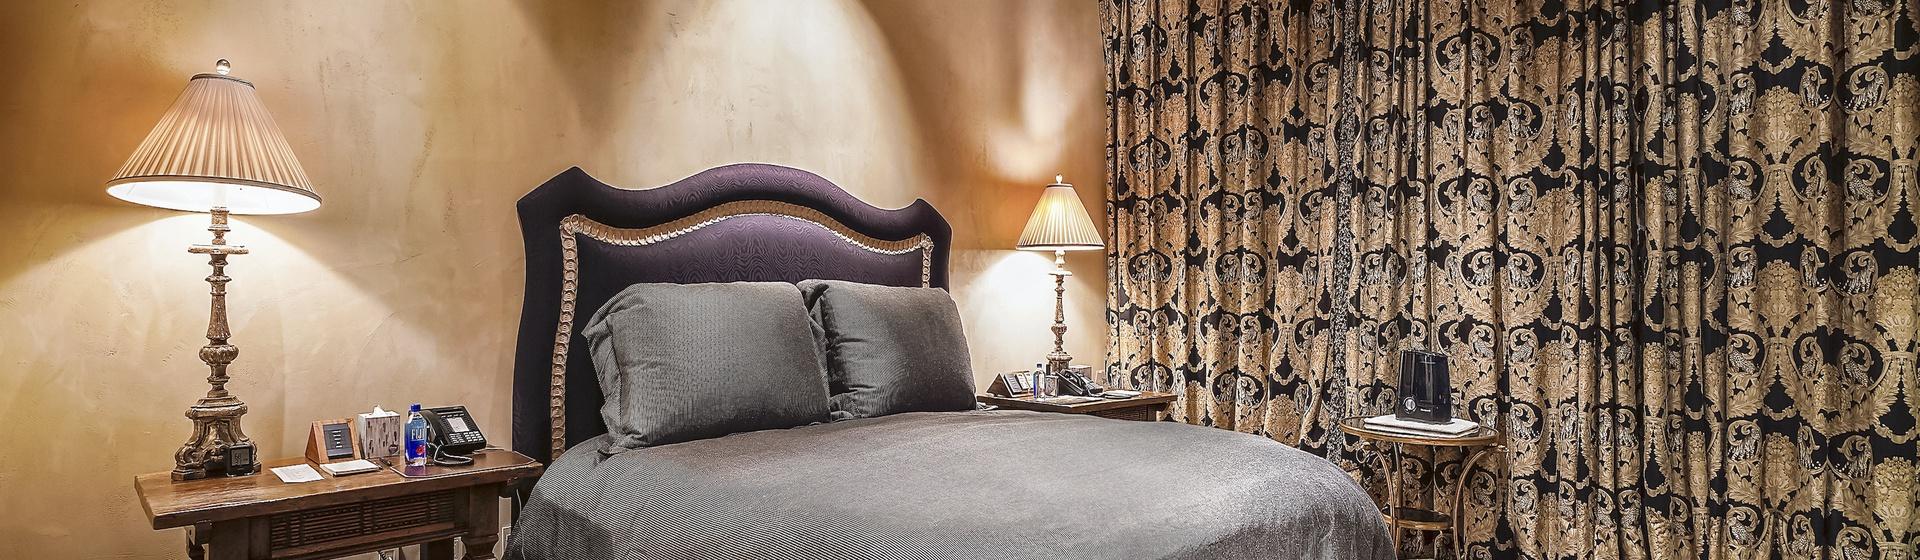 5.2-Telluride-Sleeping-Indian-Ranch-east-wing-suite-bedroom-a-web.JPG